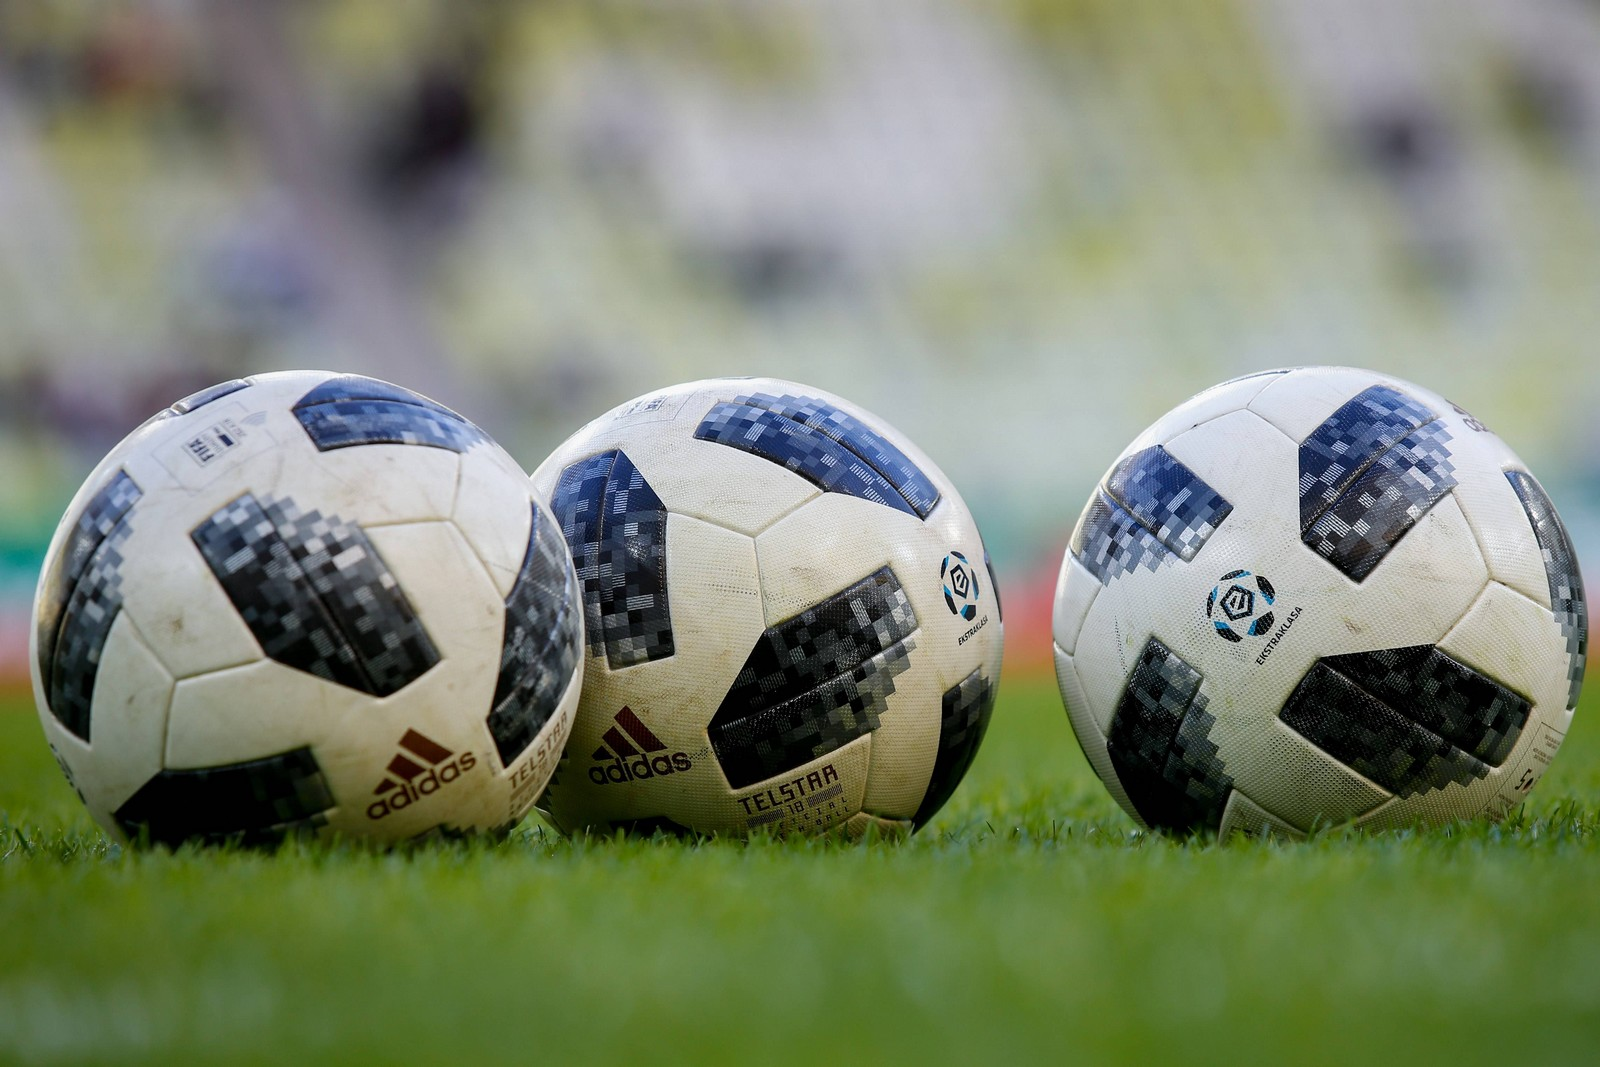 Telstar - Spielball der 3. Liga